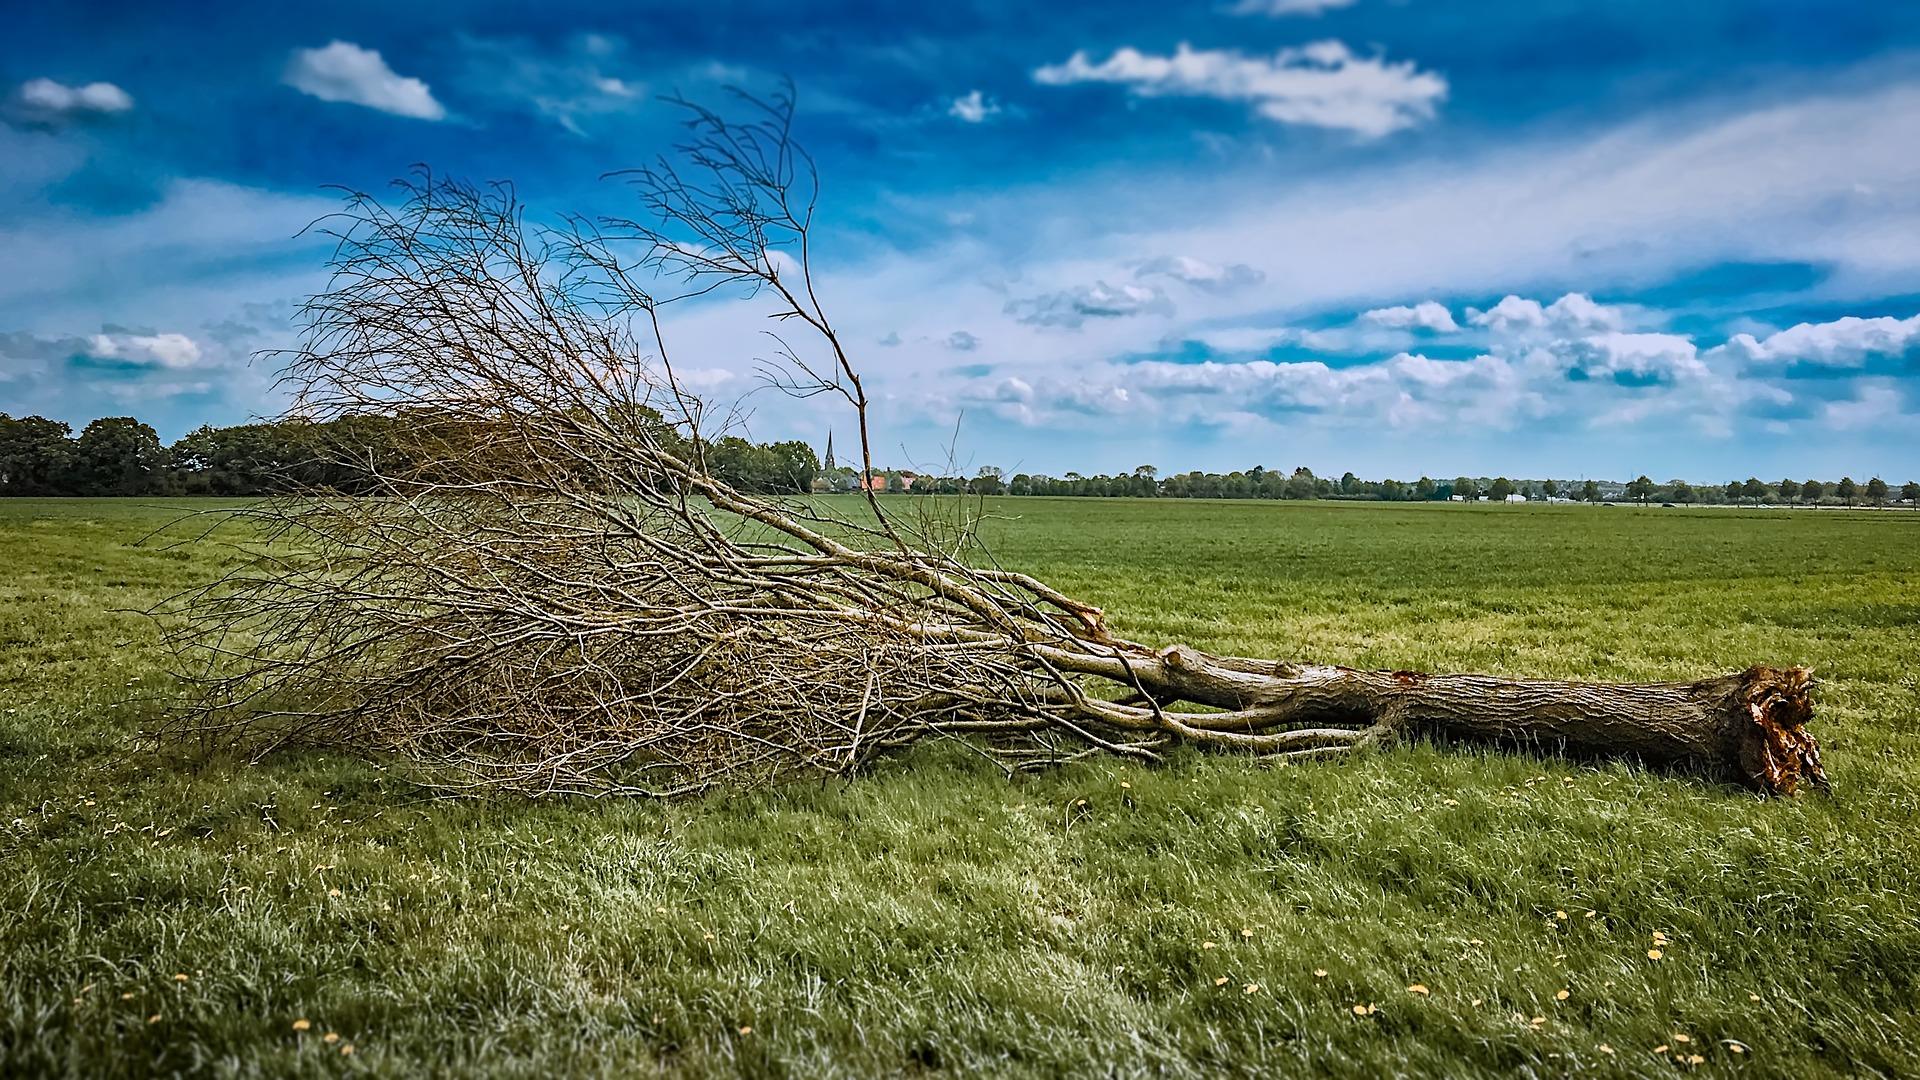 alberi sradicati